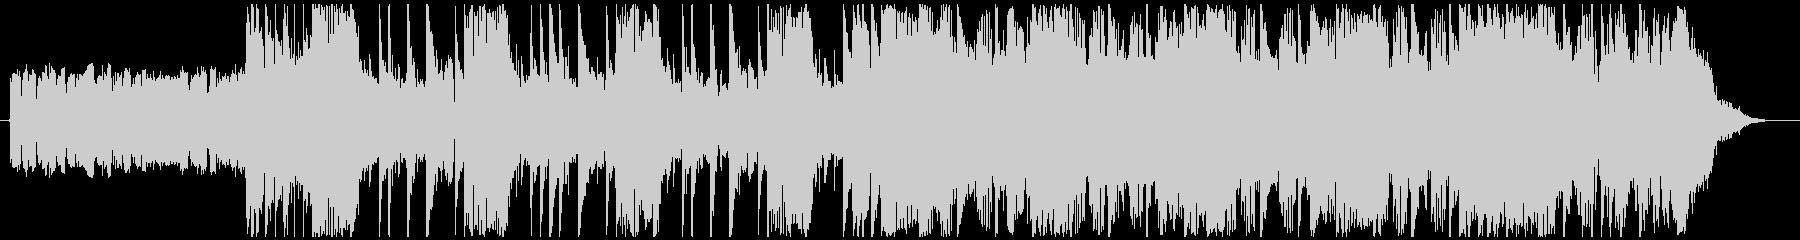 洋画で悪者が登場するシーンの曲-30秒の未再生の波形